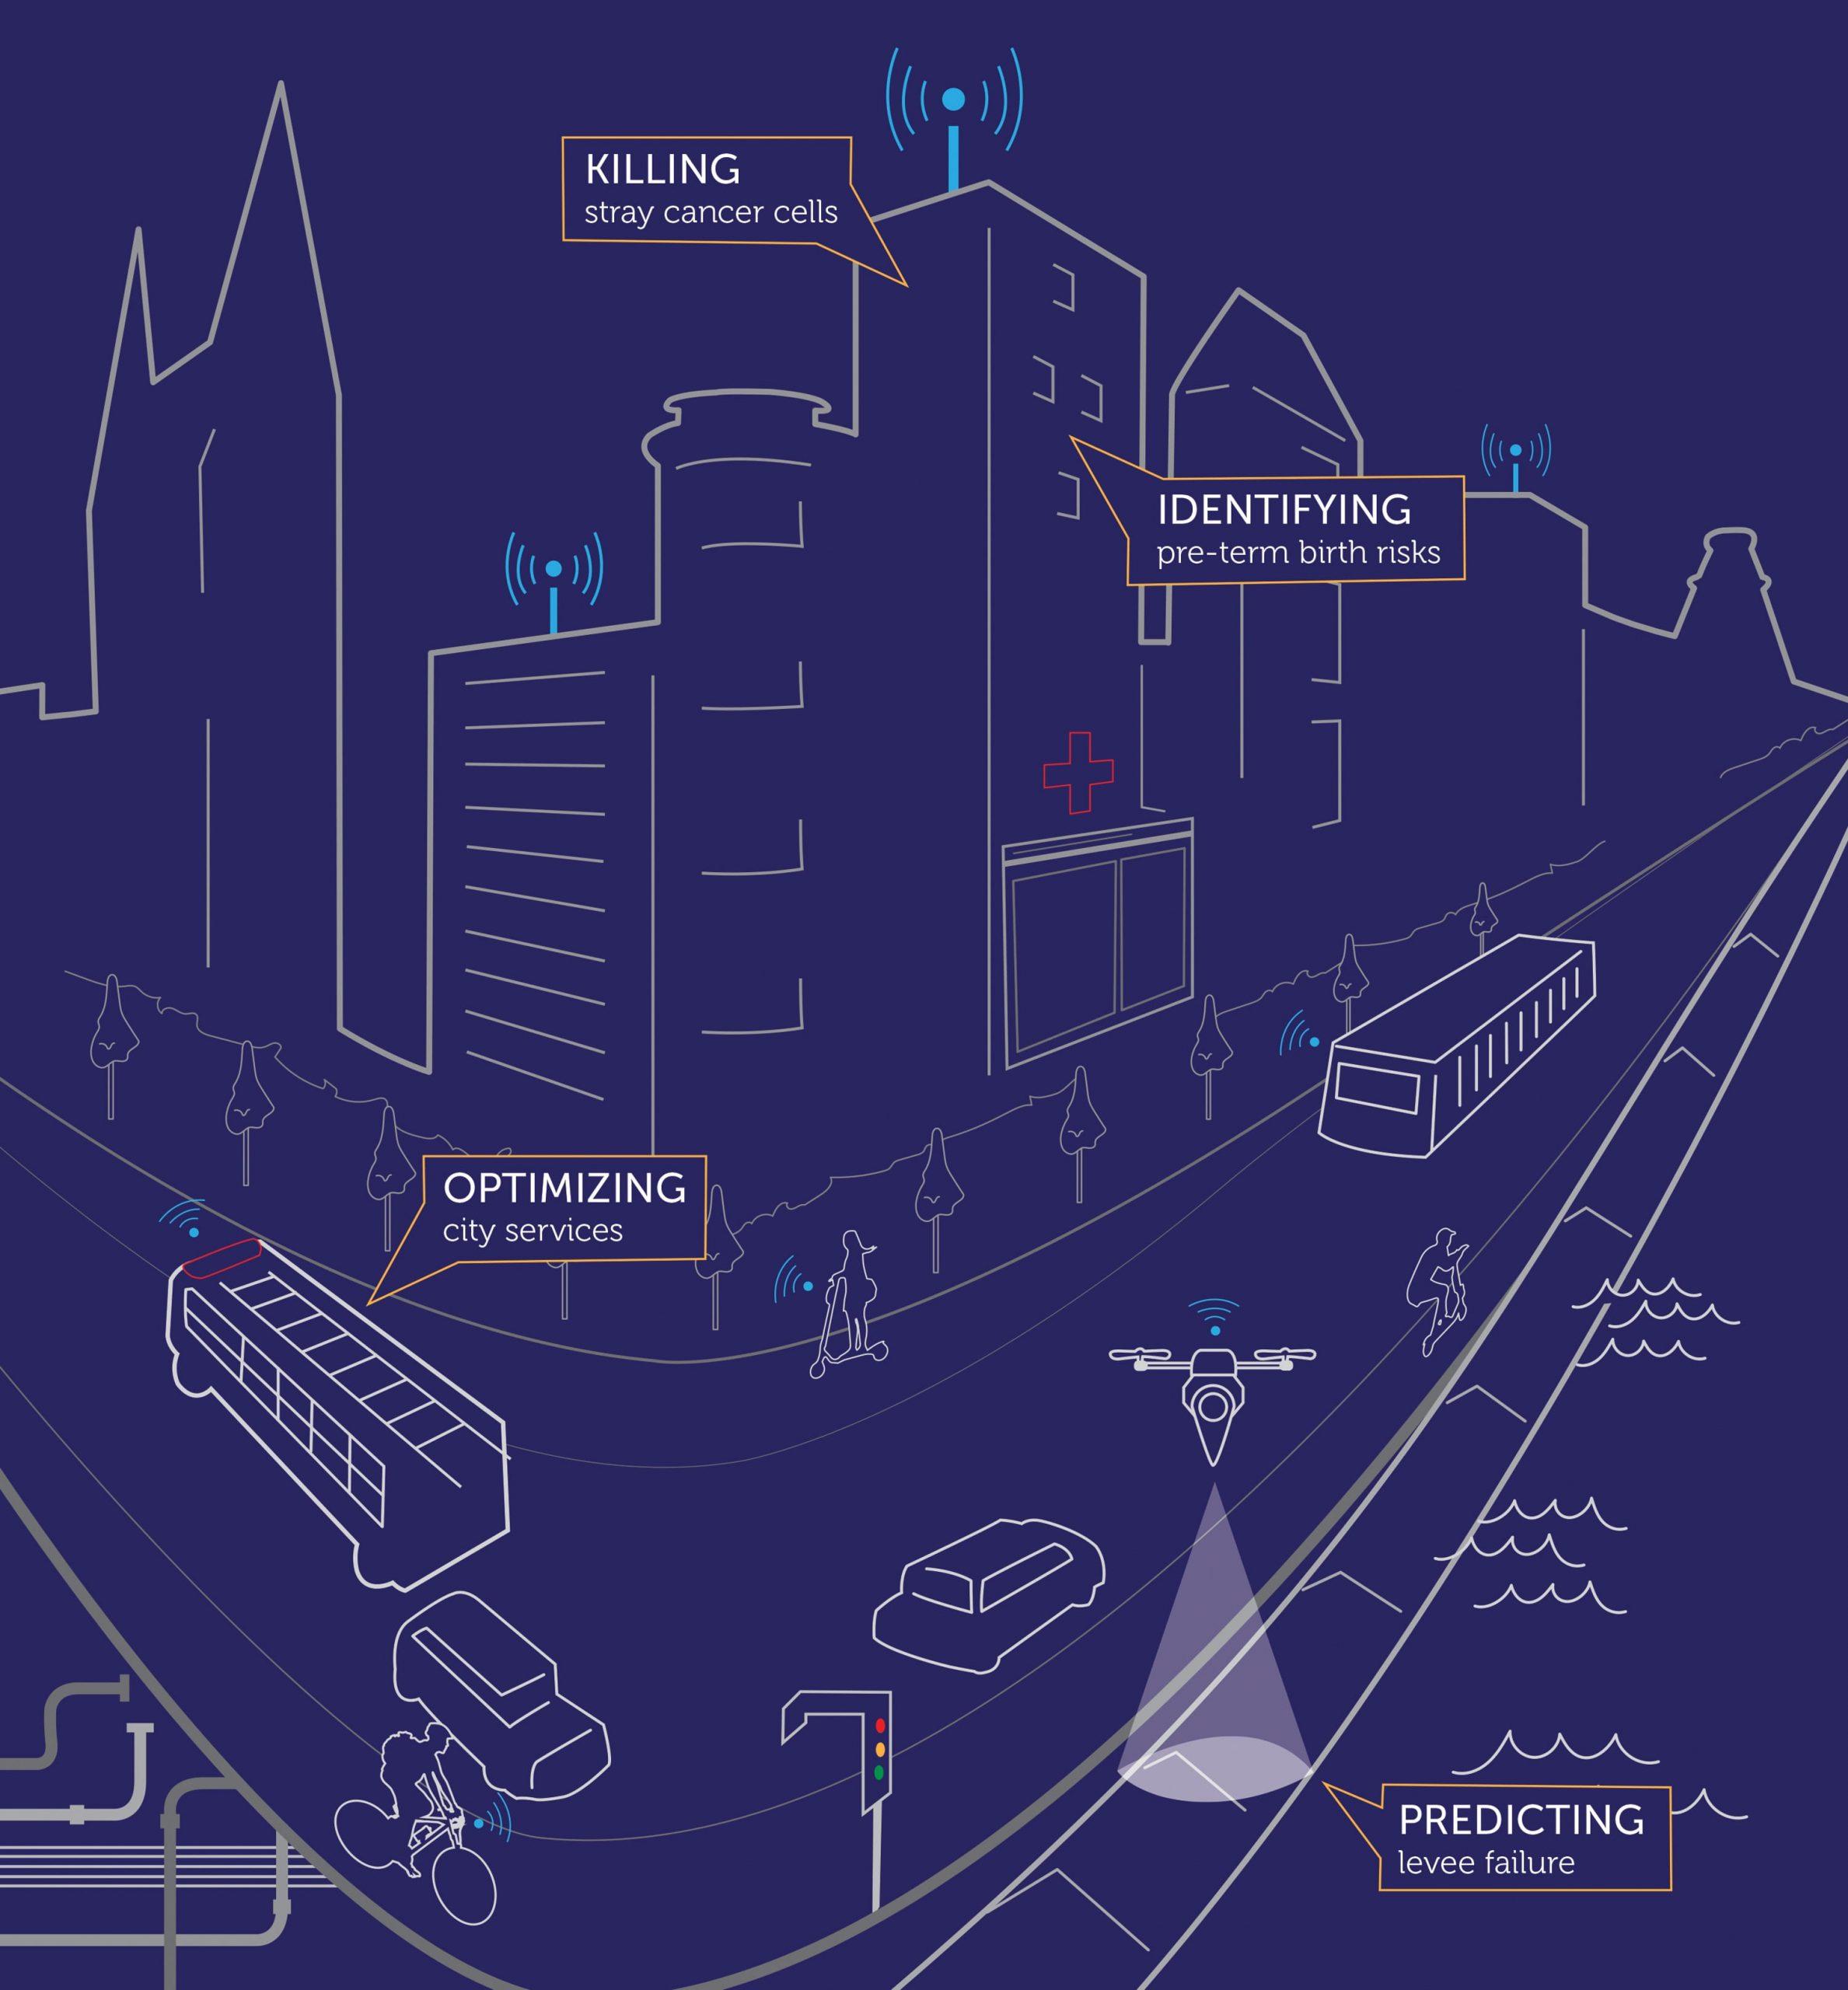 Vanderbilt University illustration of smart city